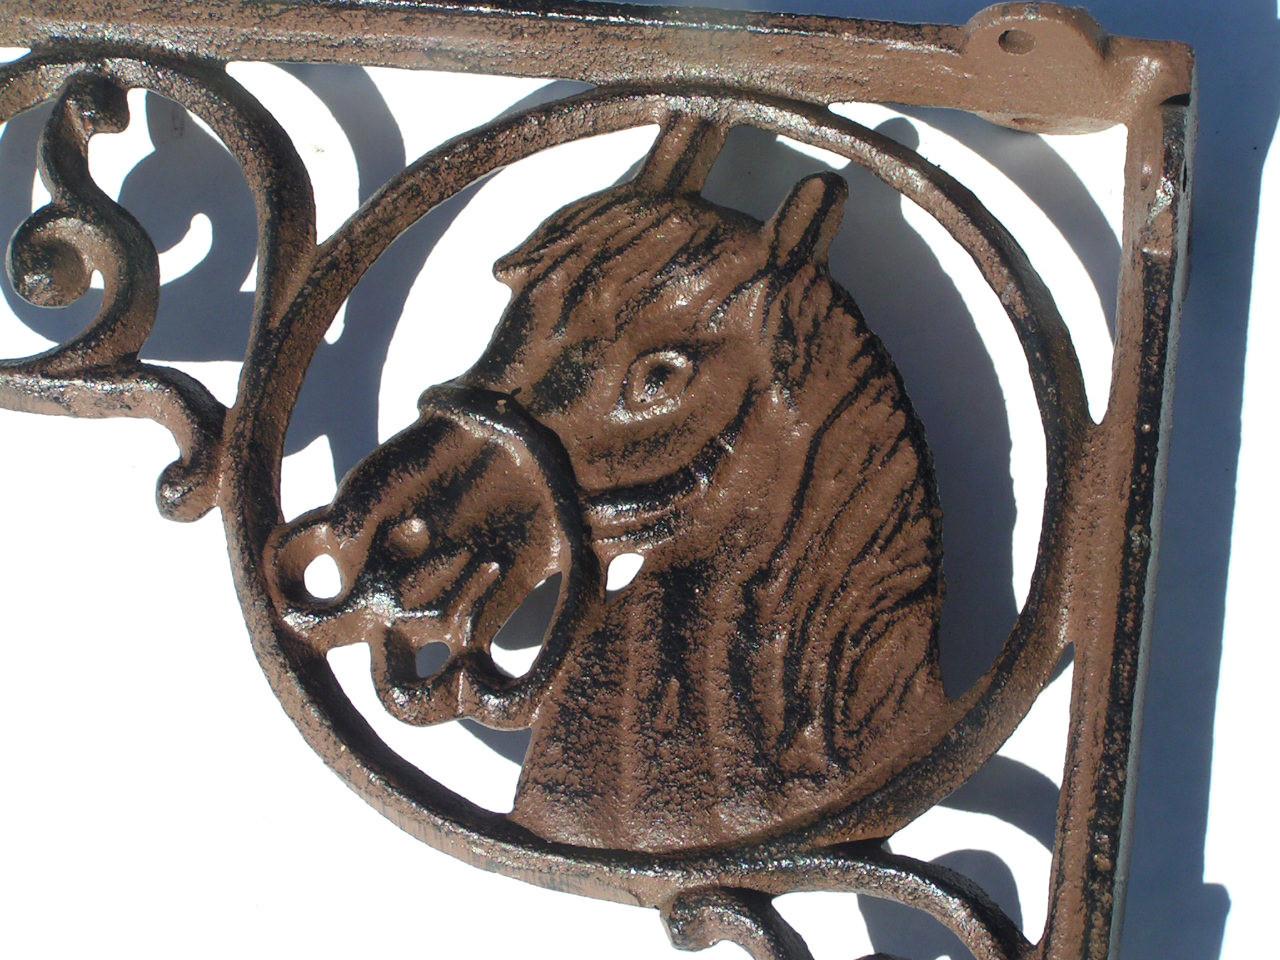 2 Cast Iron Shelf Brackets Western Horse Head Corbels